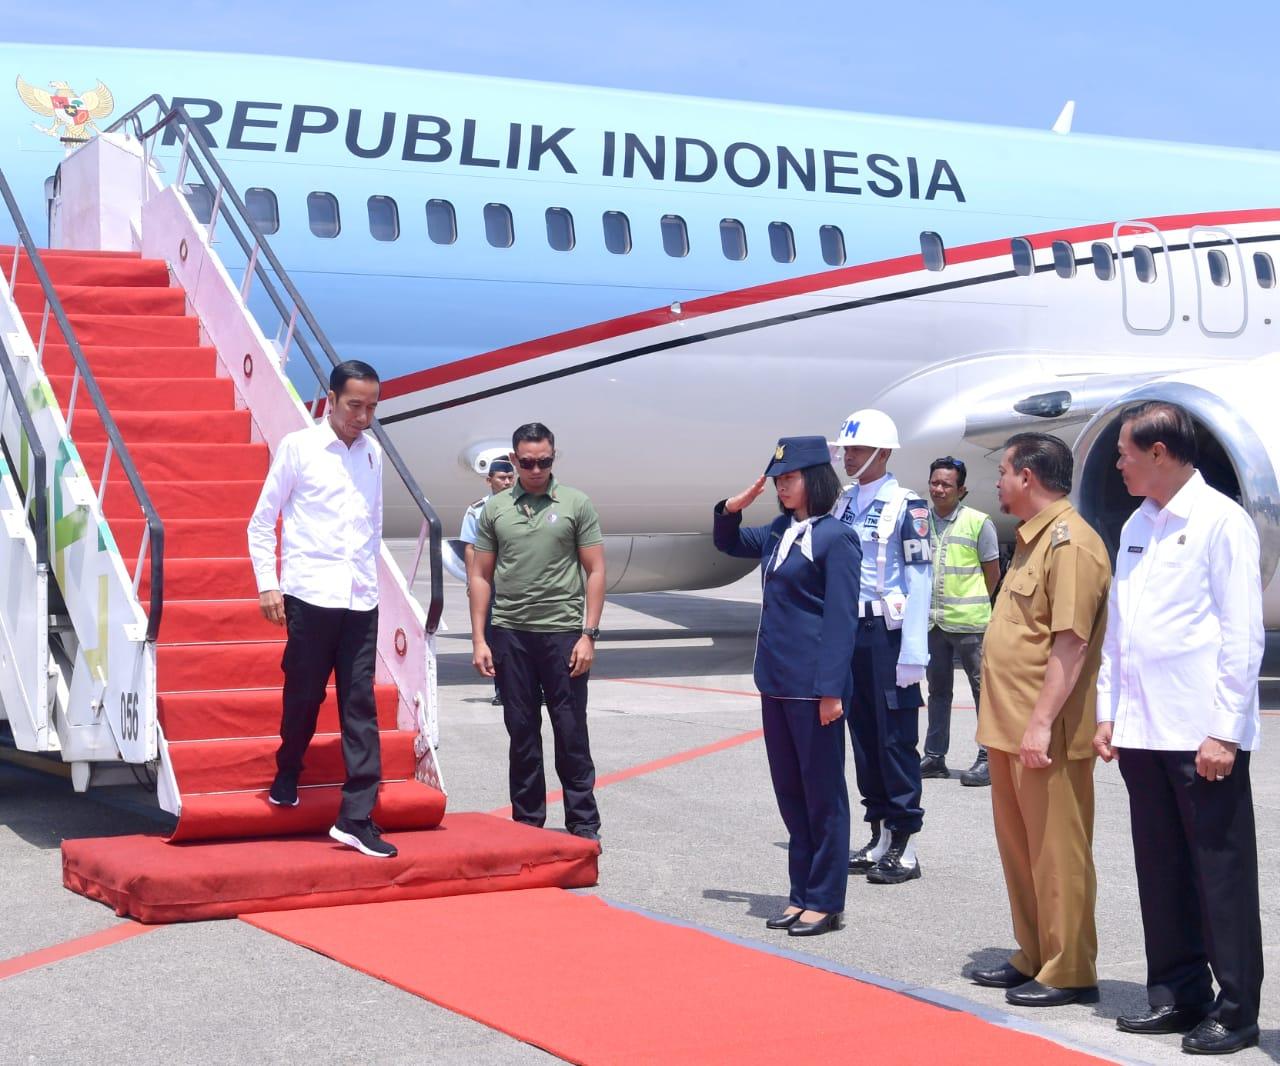 Presiden Jokowi Tindaklanjuti Rencana Pemindahan Ibu Kota